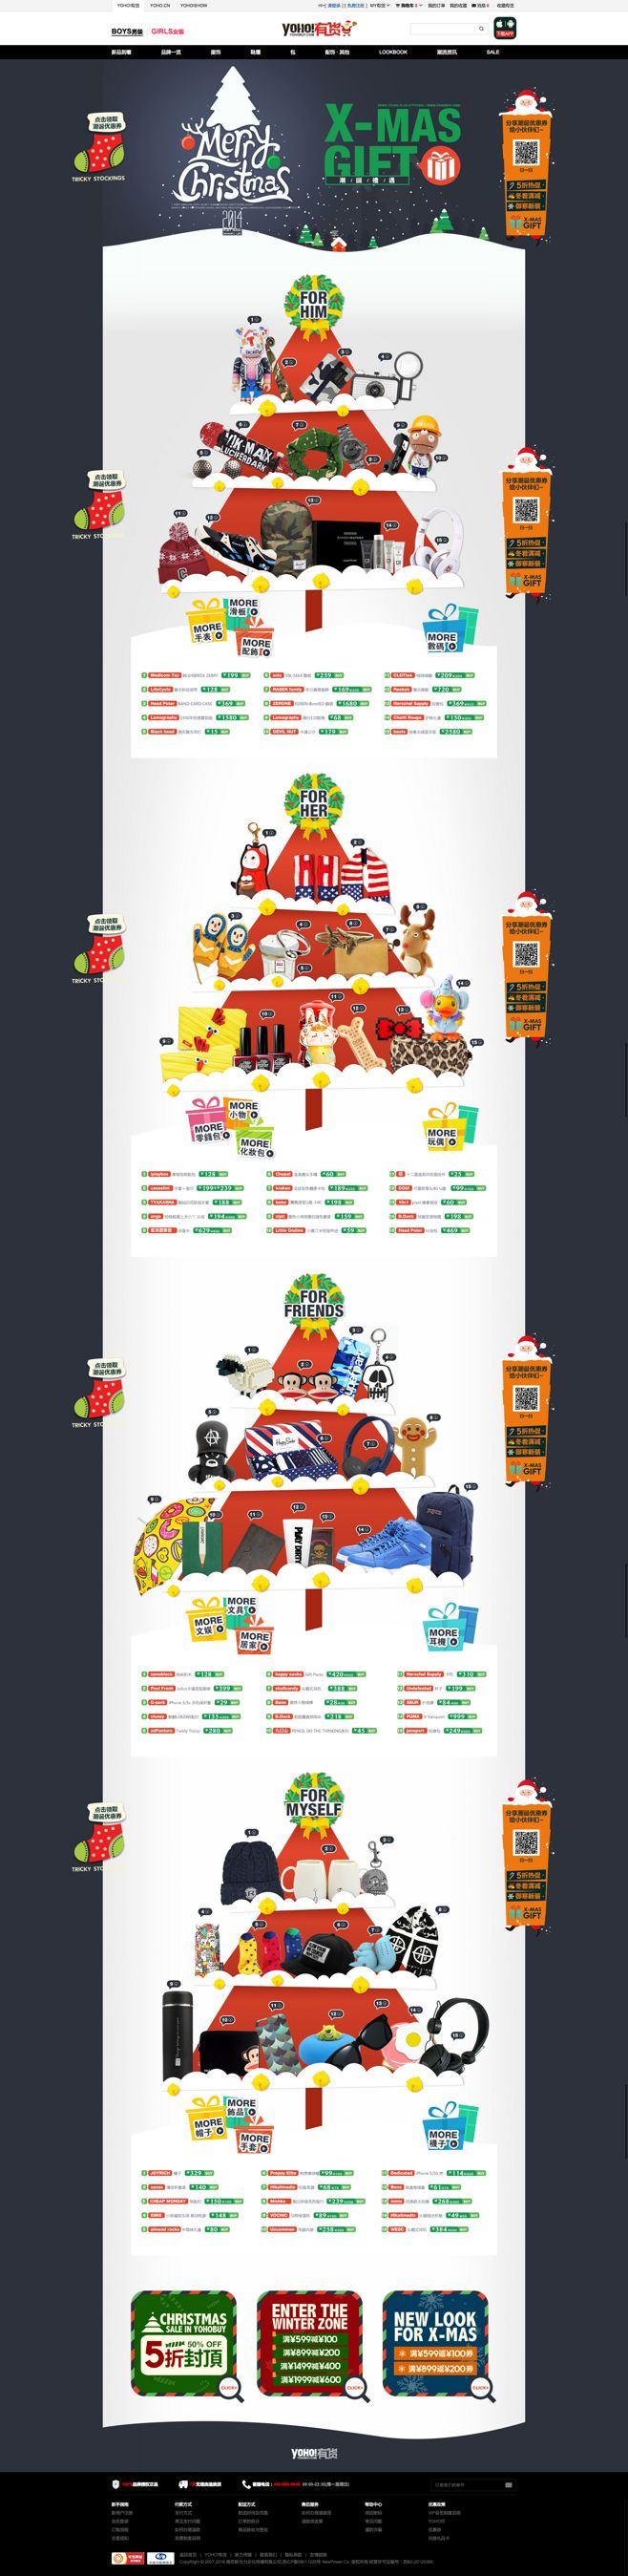 X-MAS GIFT 潮诞礼遇-圣诞节